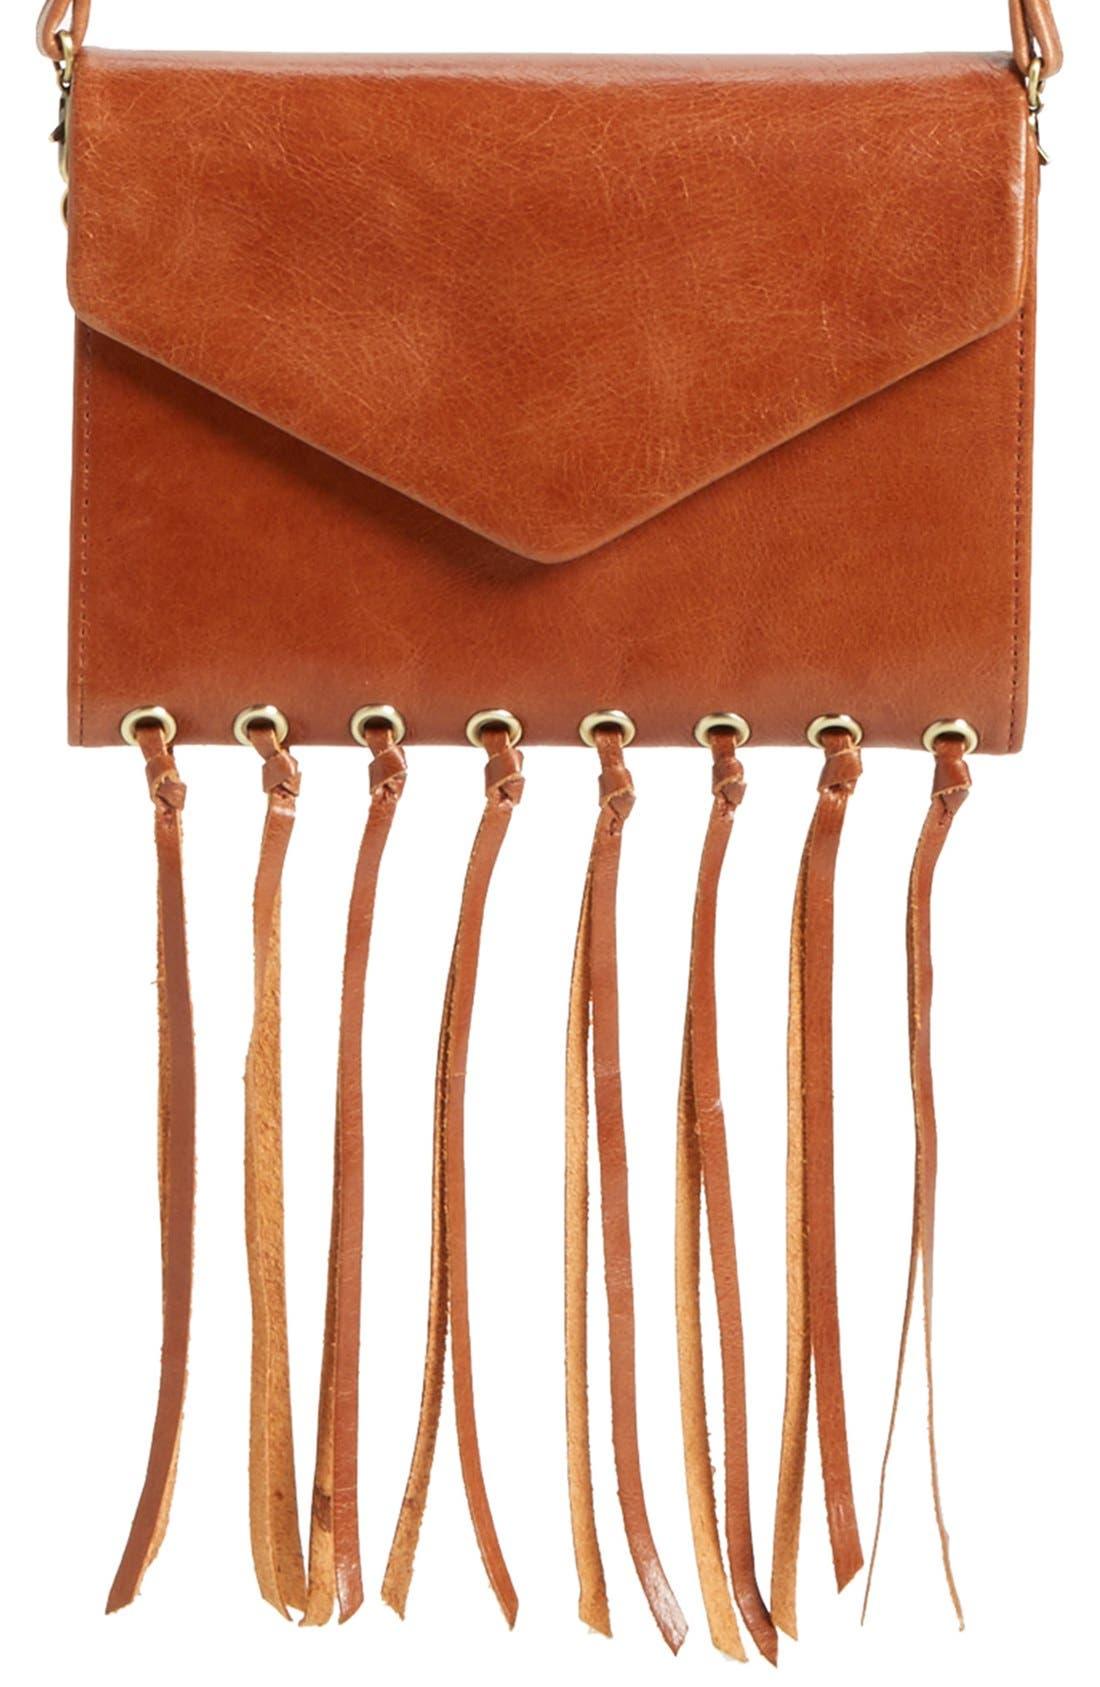 Alternate Image 1 Selected - Hobo 'Maisy' Glazed Leather Fringe Crossbody Bag